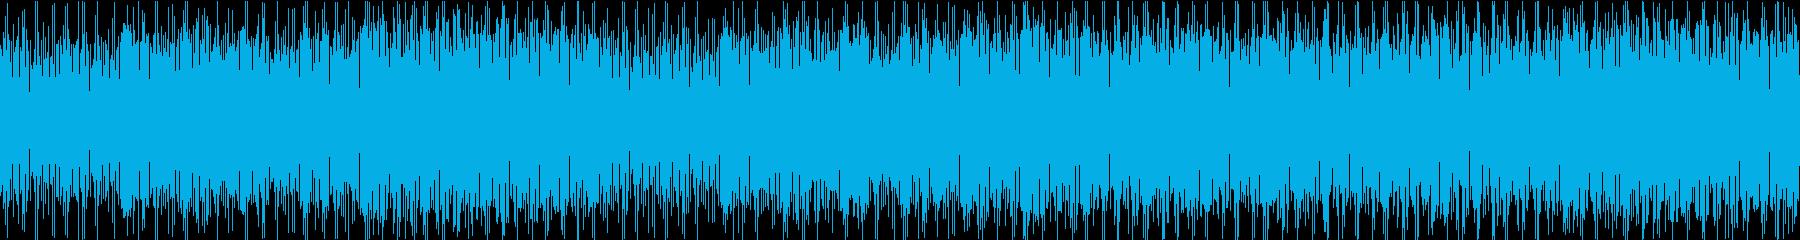 まったり昼下がりの様なおしゃれなボサノバの再生済みの波形